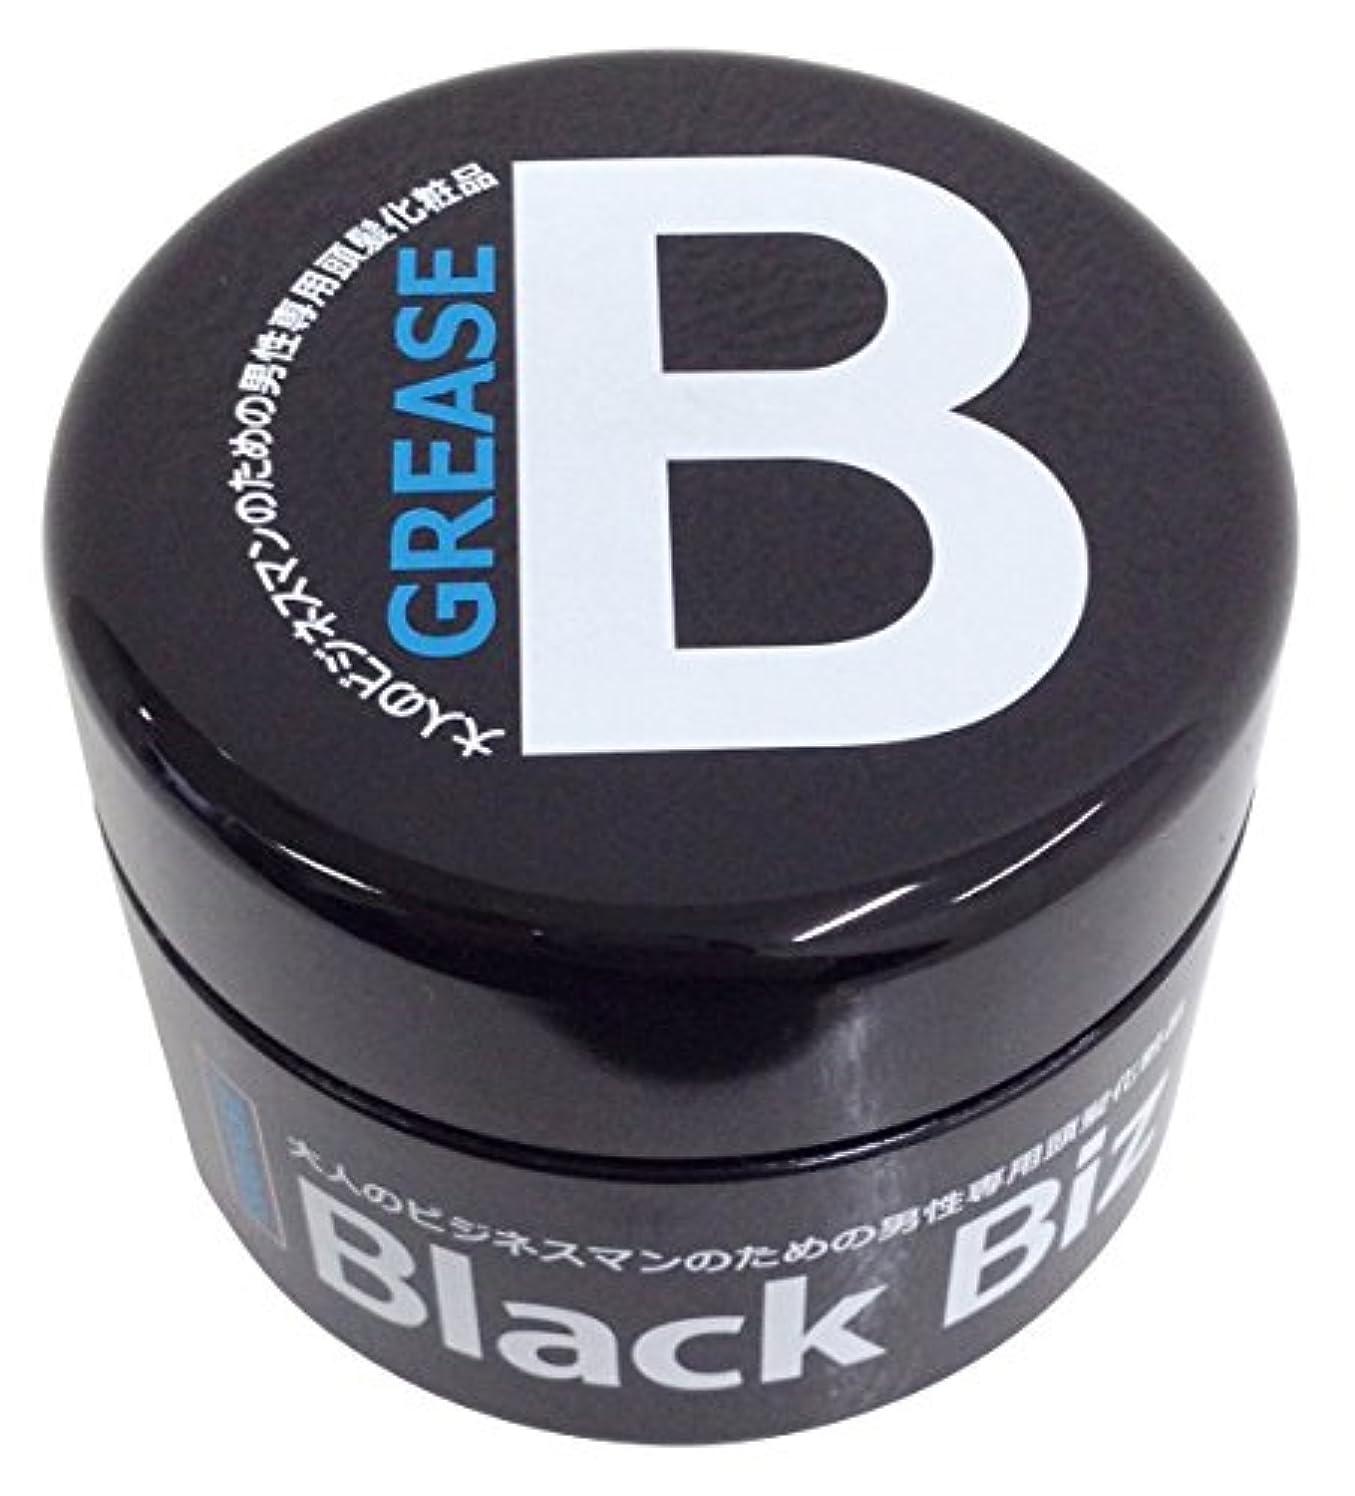 いじめっ子長いです噂大人のビジネスマンのための男性専用頭髪化粧品 BlackBiz GREASE SOFT ブラックビズ グリース ソフト